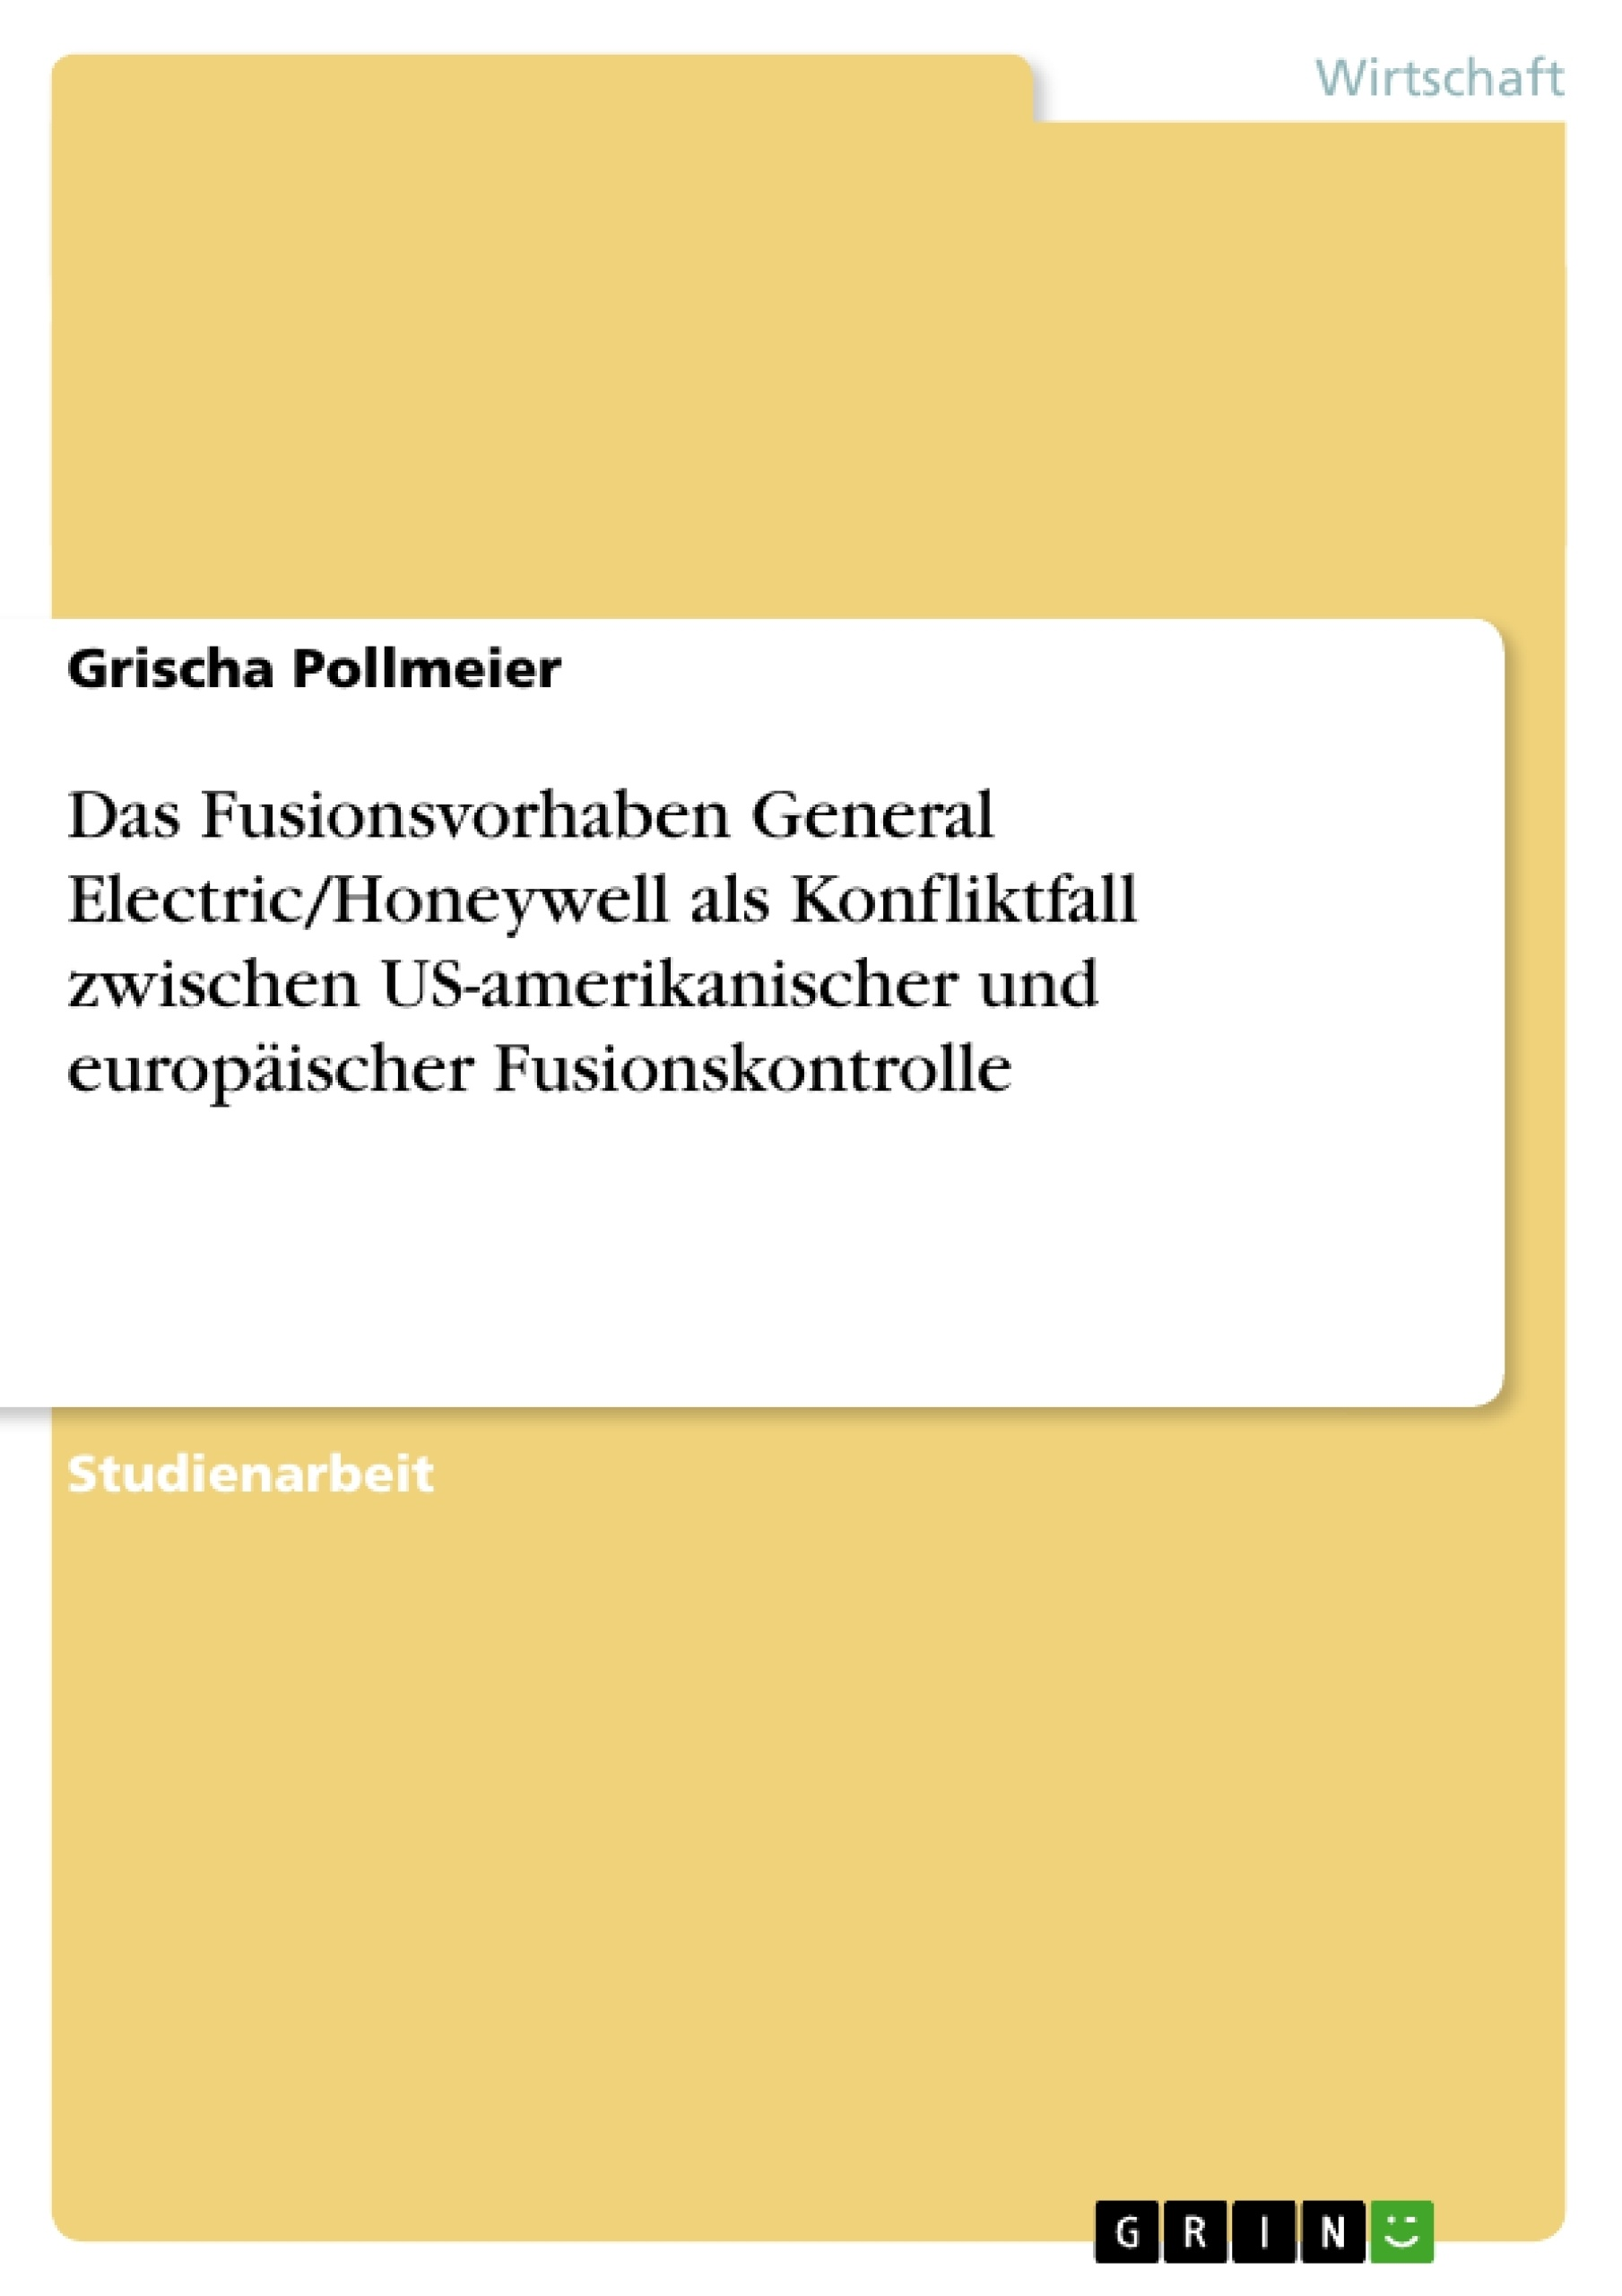 Titel: Das Fusionsvorhaben General Electric/Honeywell als Konfliktfall zwischen US-amerikanischer und europäischer Fusionskontrolle